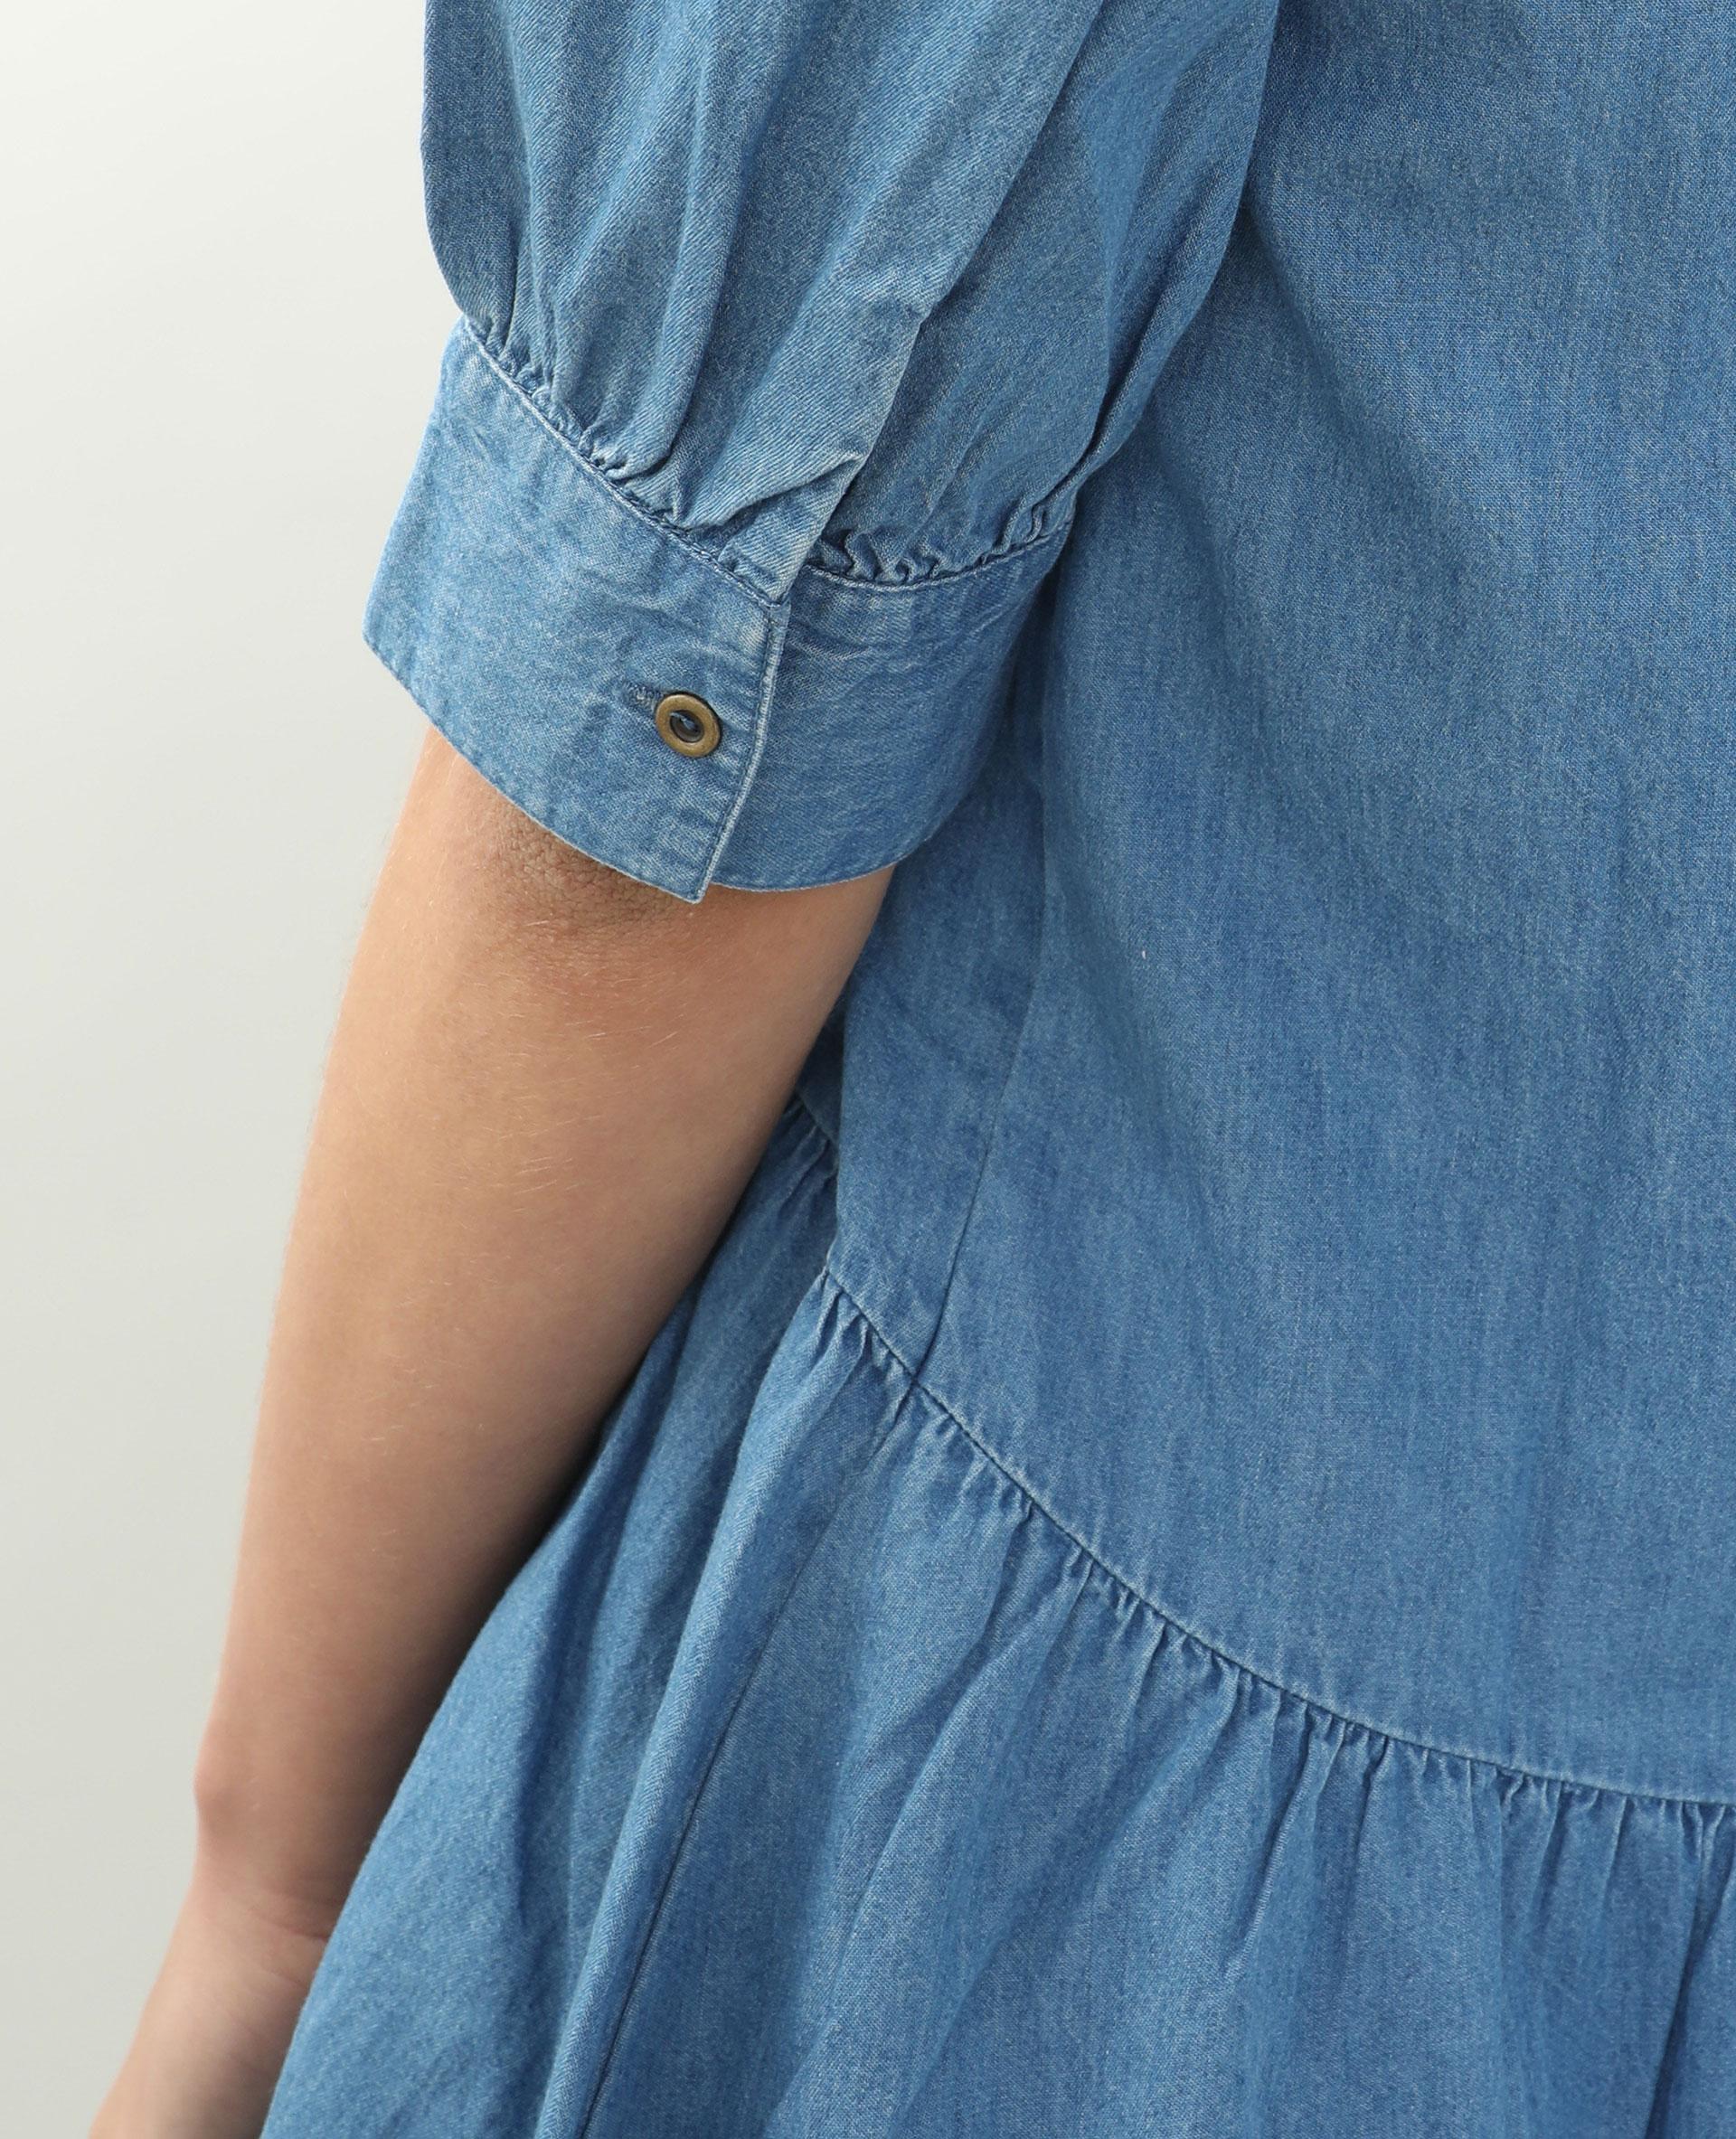 Robe en jean bleu délavé - Pimkie